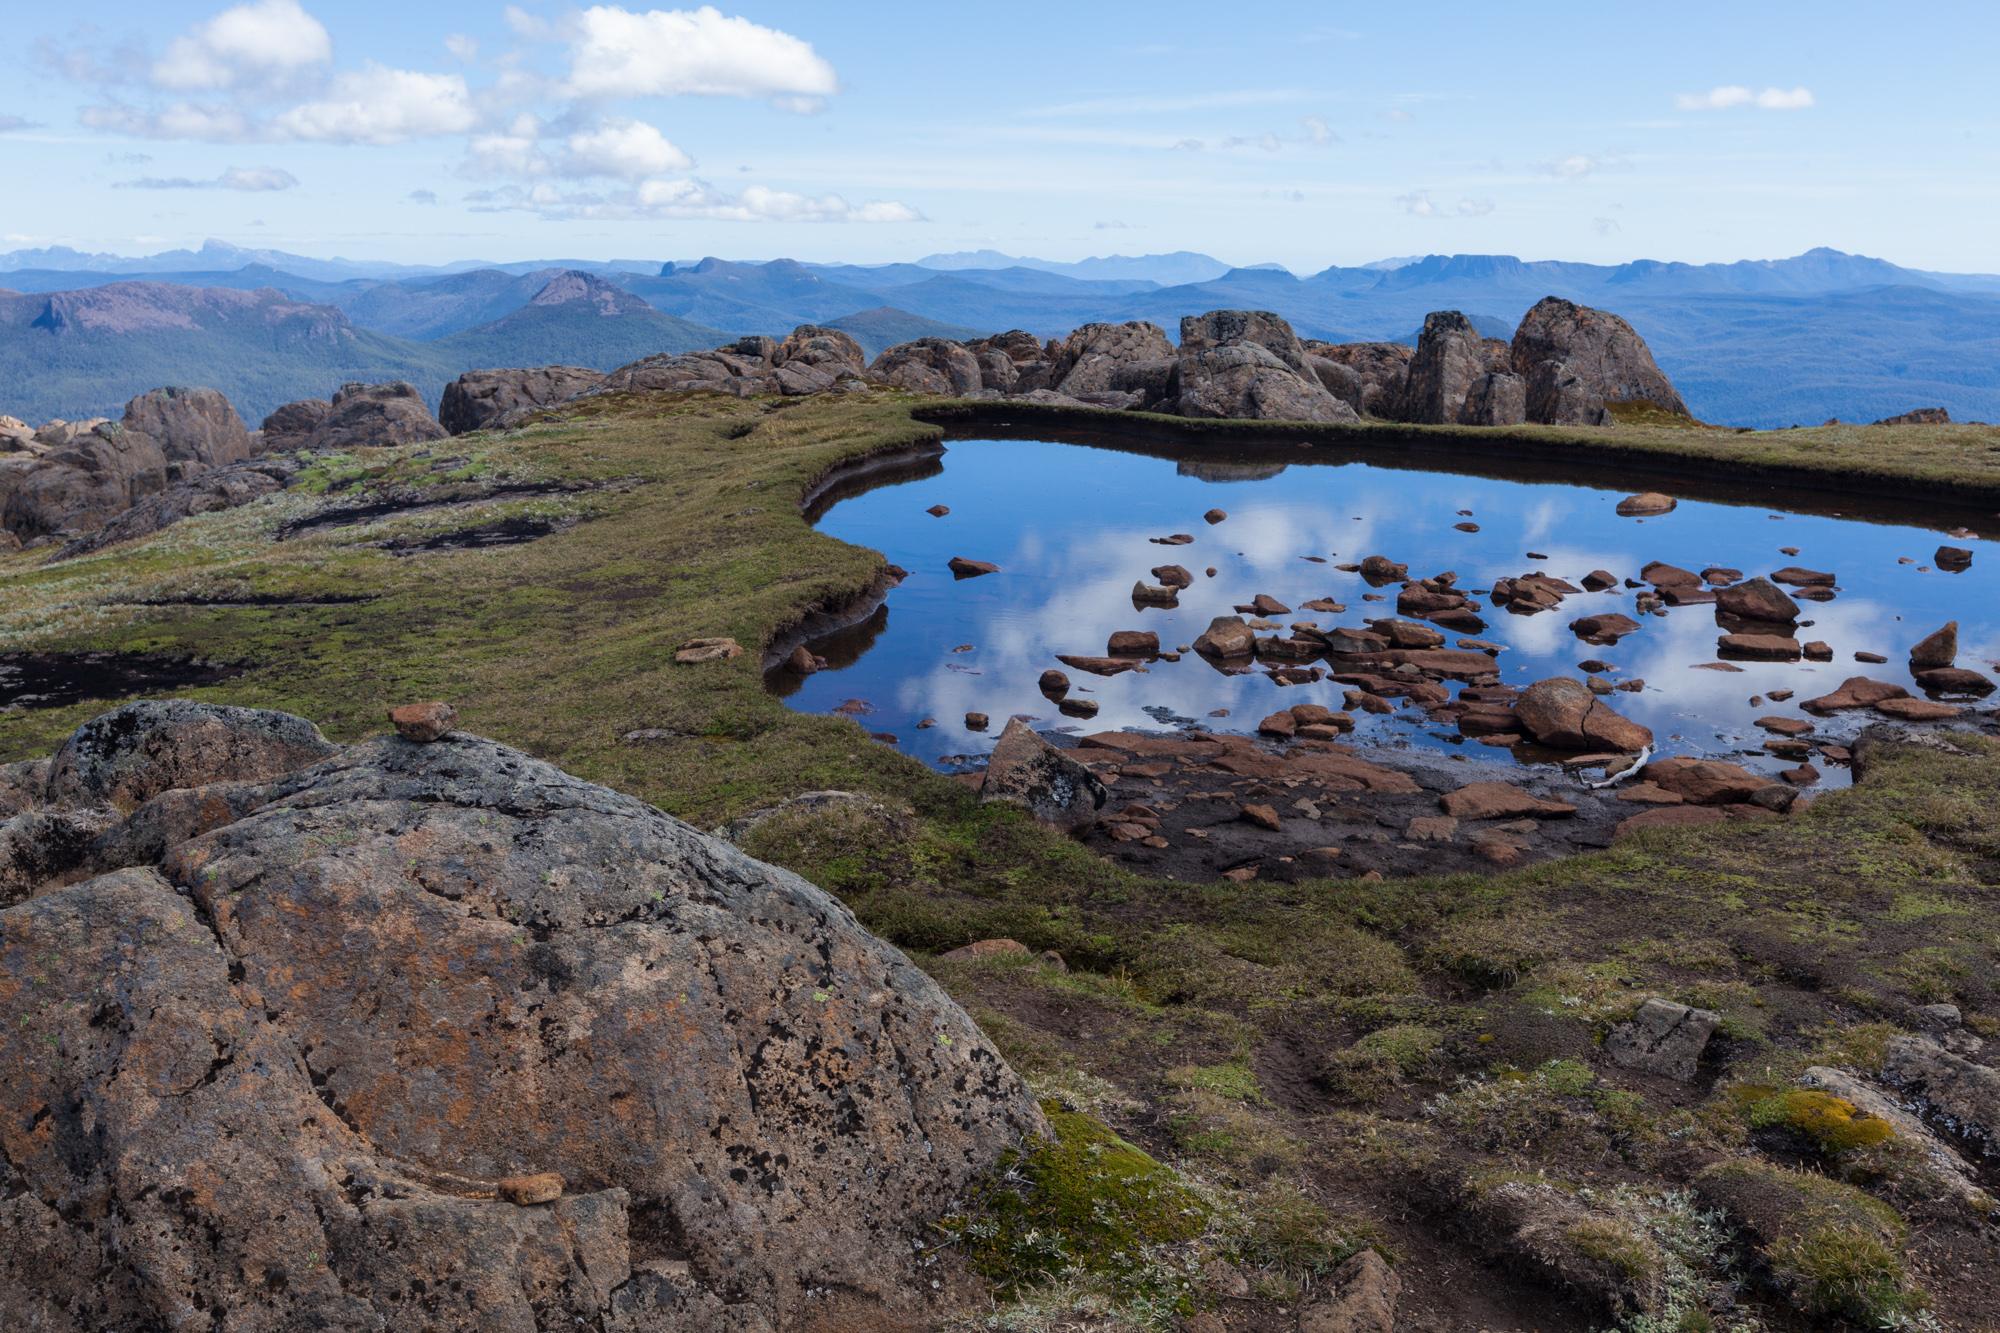 Tasmania_2015_241_2000PX.jpg